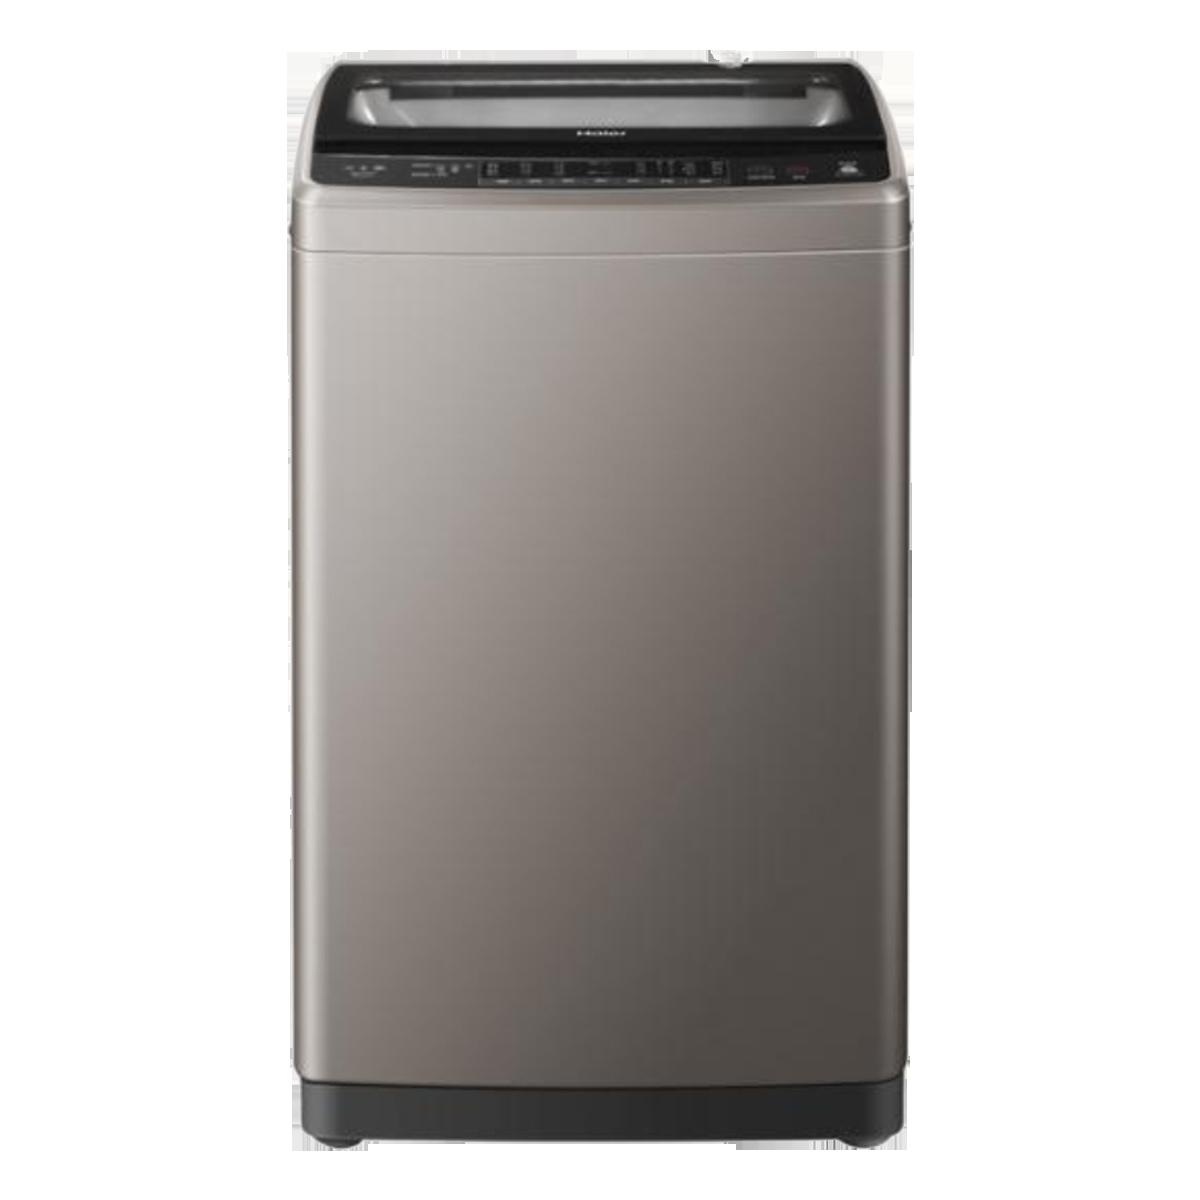 海尔Haier洗衣机 S7516Z61 说明书